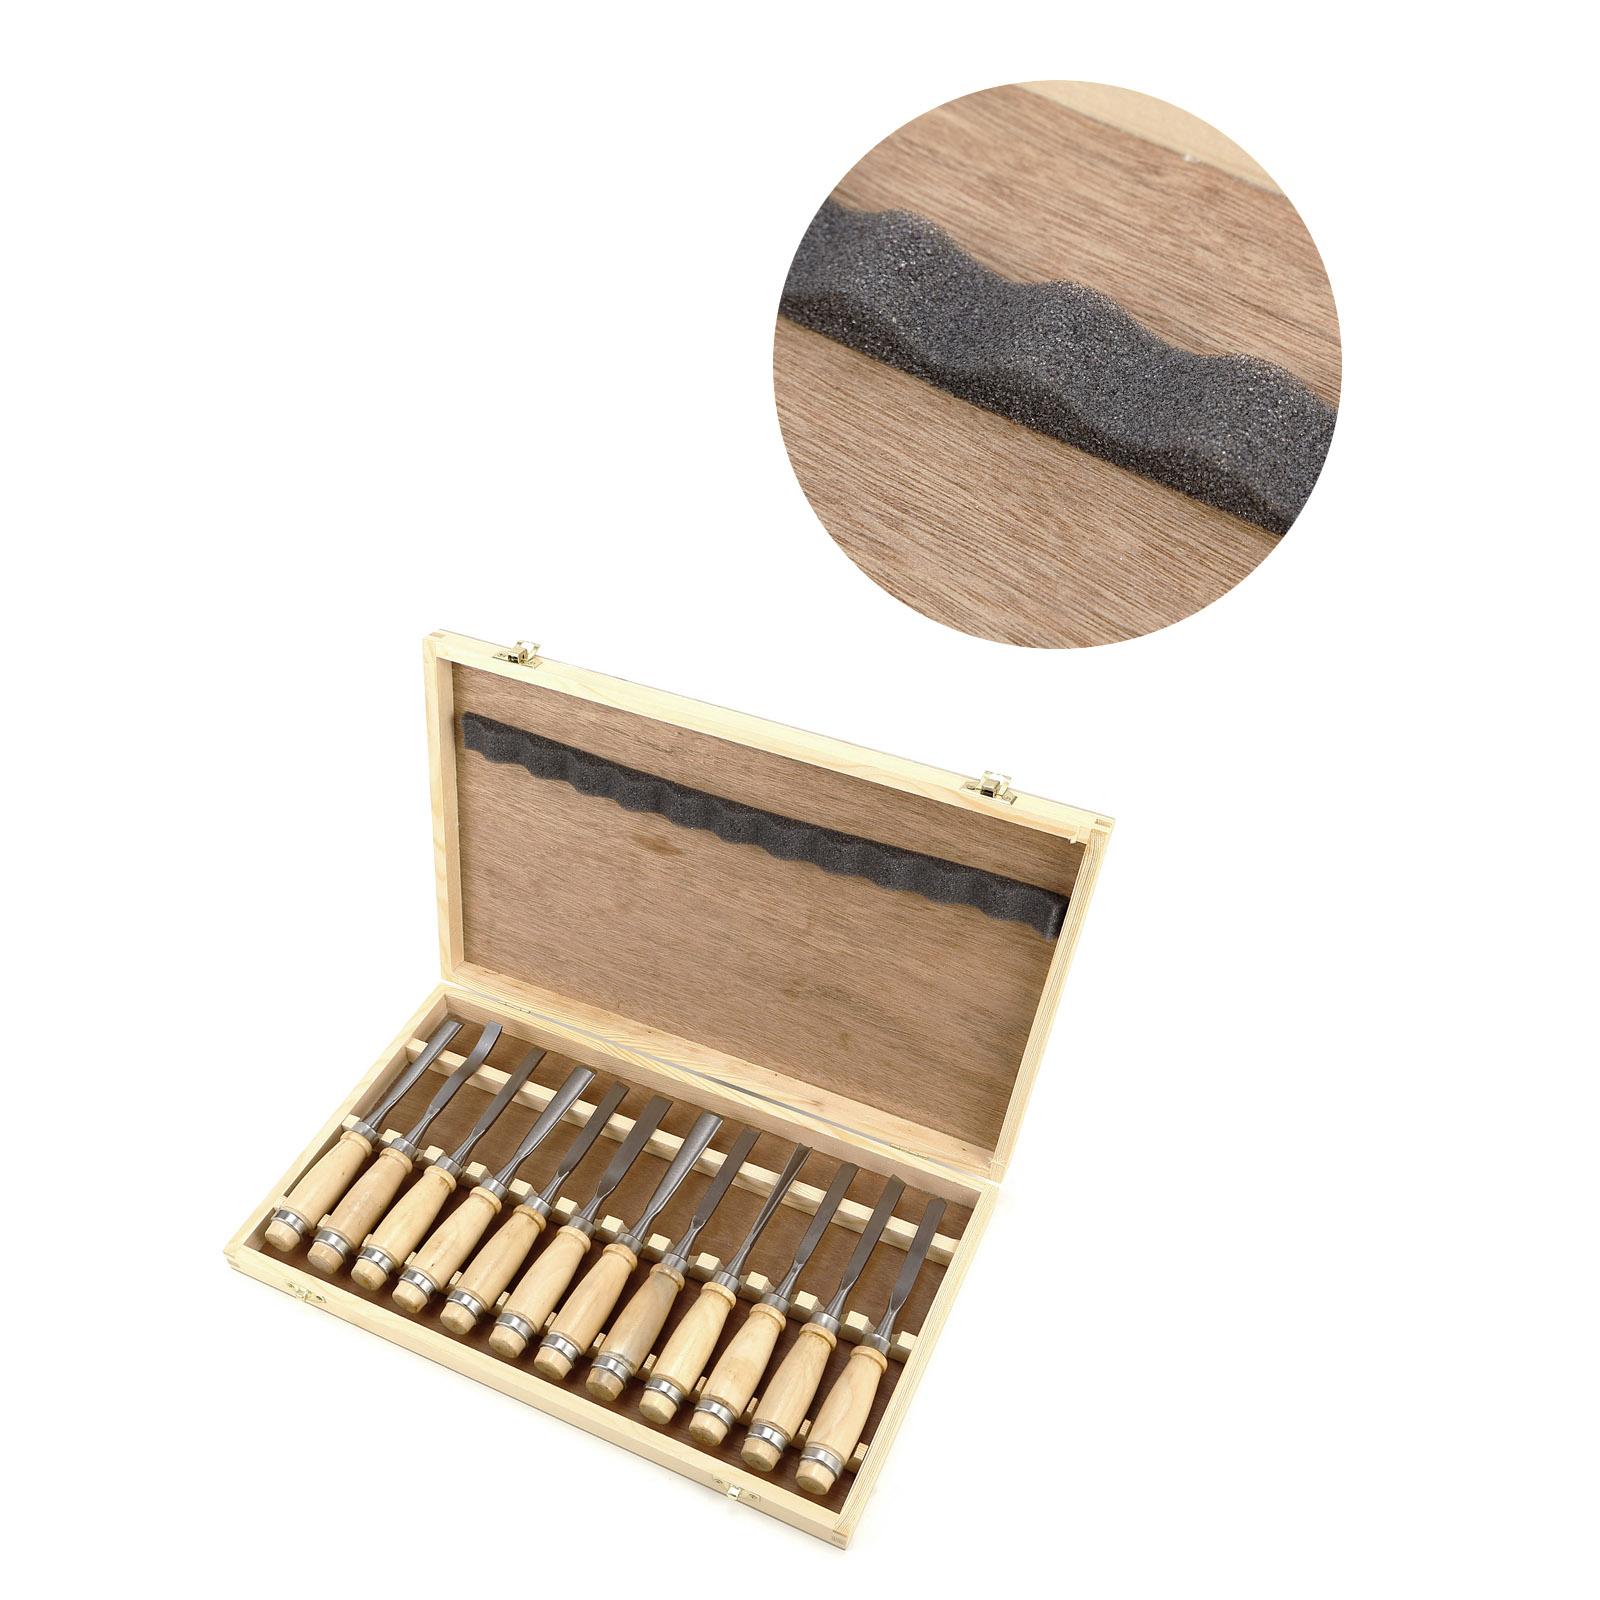 8 12 pcs ciseau bois boite professionnel charpentier. Black Bedroom Furniture Sets. Home Design Ideas